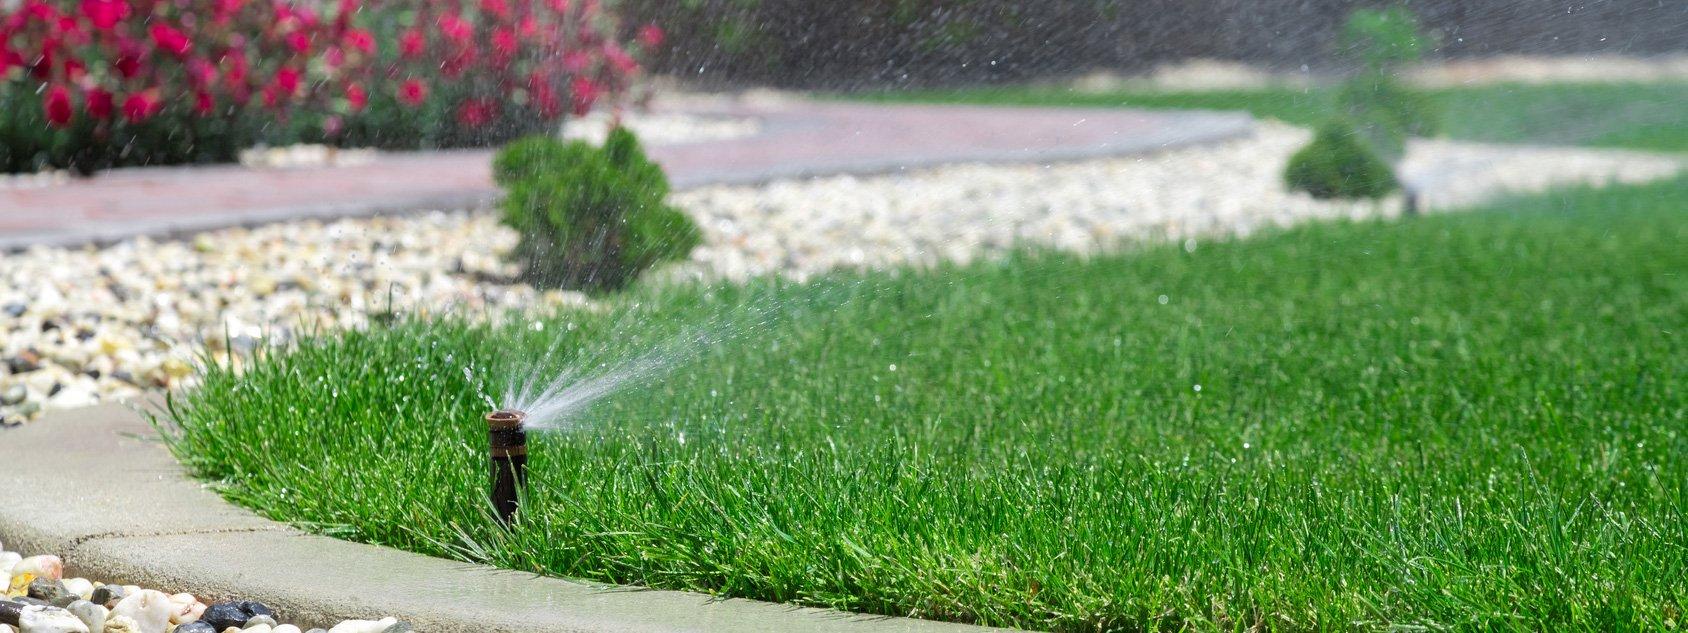 Irrigare bene il prato cose di casa for Irrigazione prato fai da te